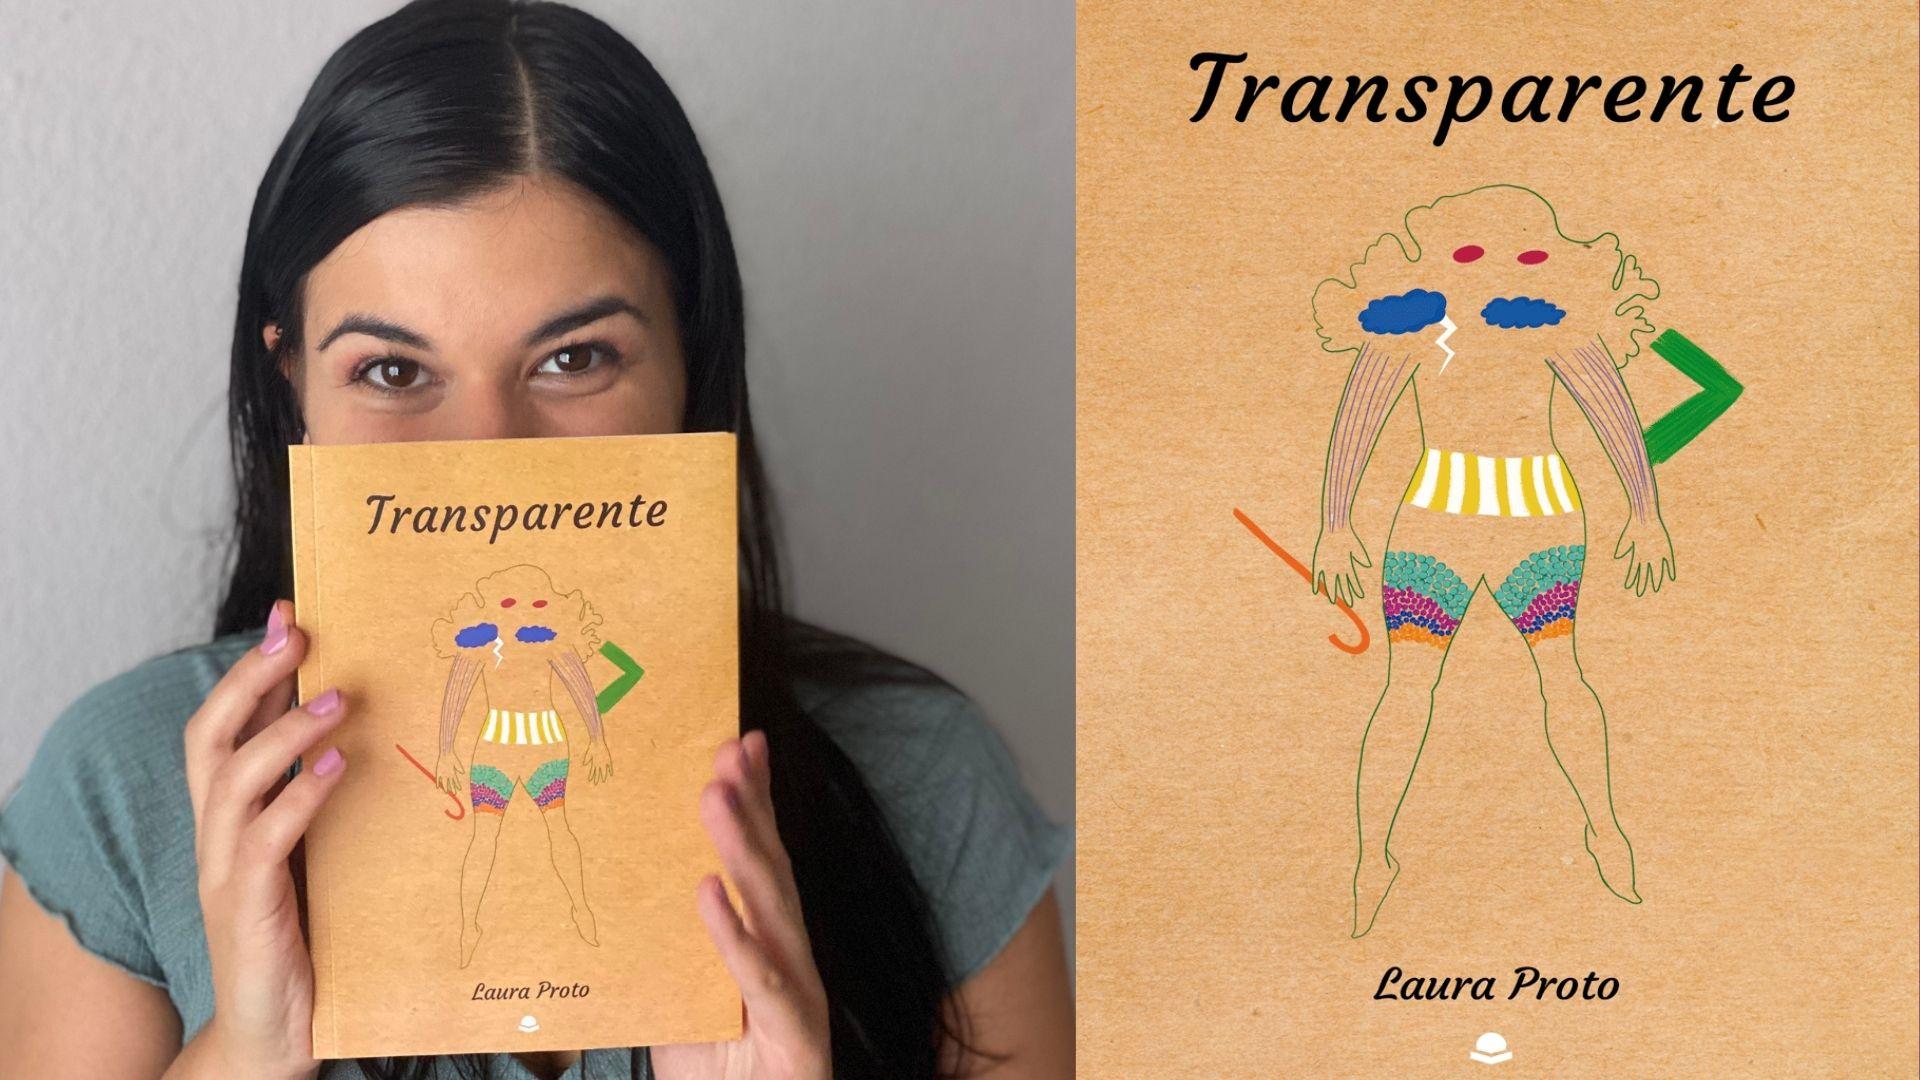 «Transparente»: La ópera prima en la literatura de Laura Proto con la que el lector viaja a su mundo aparte